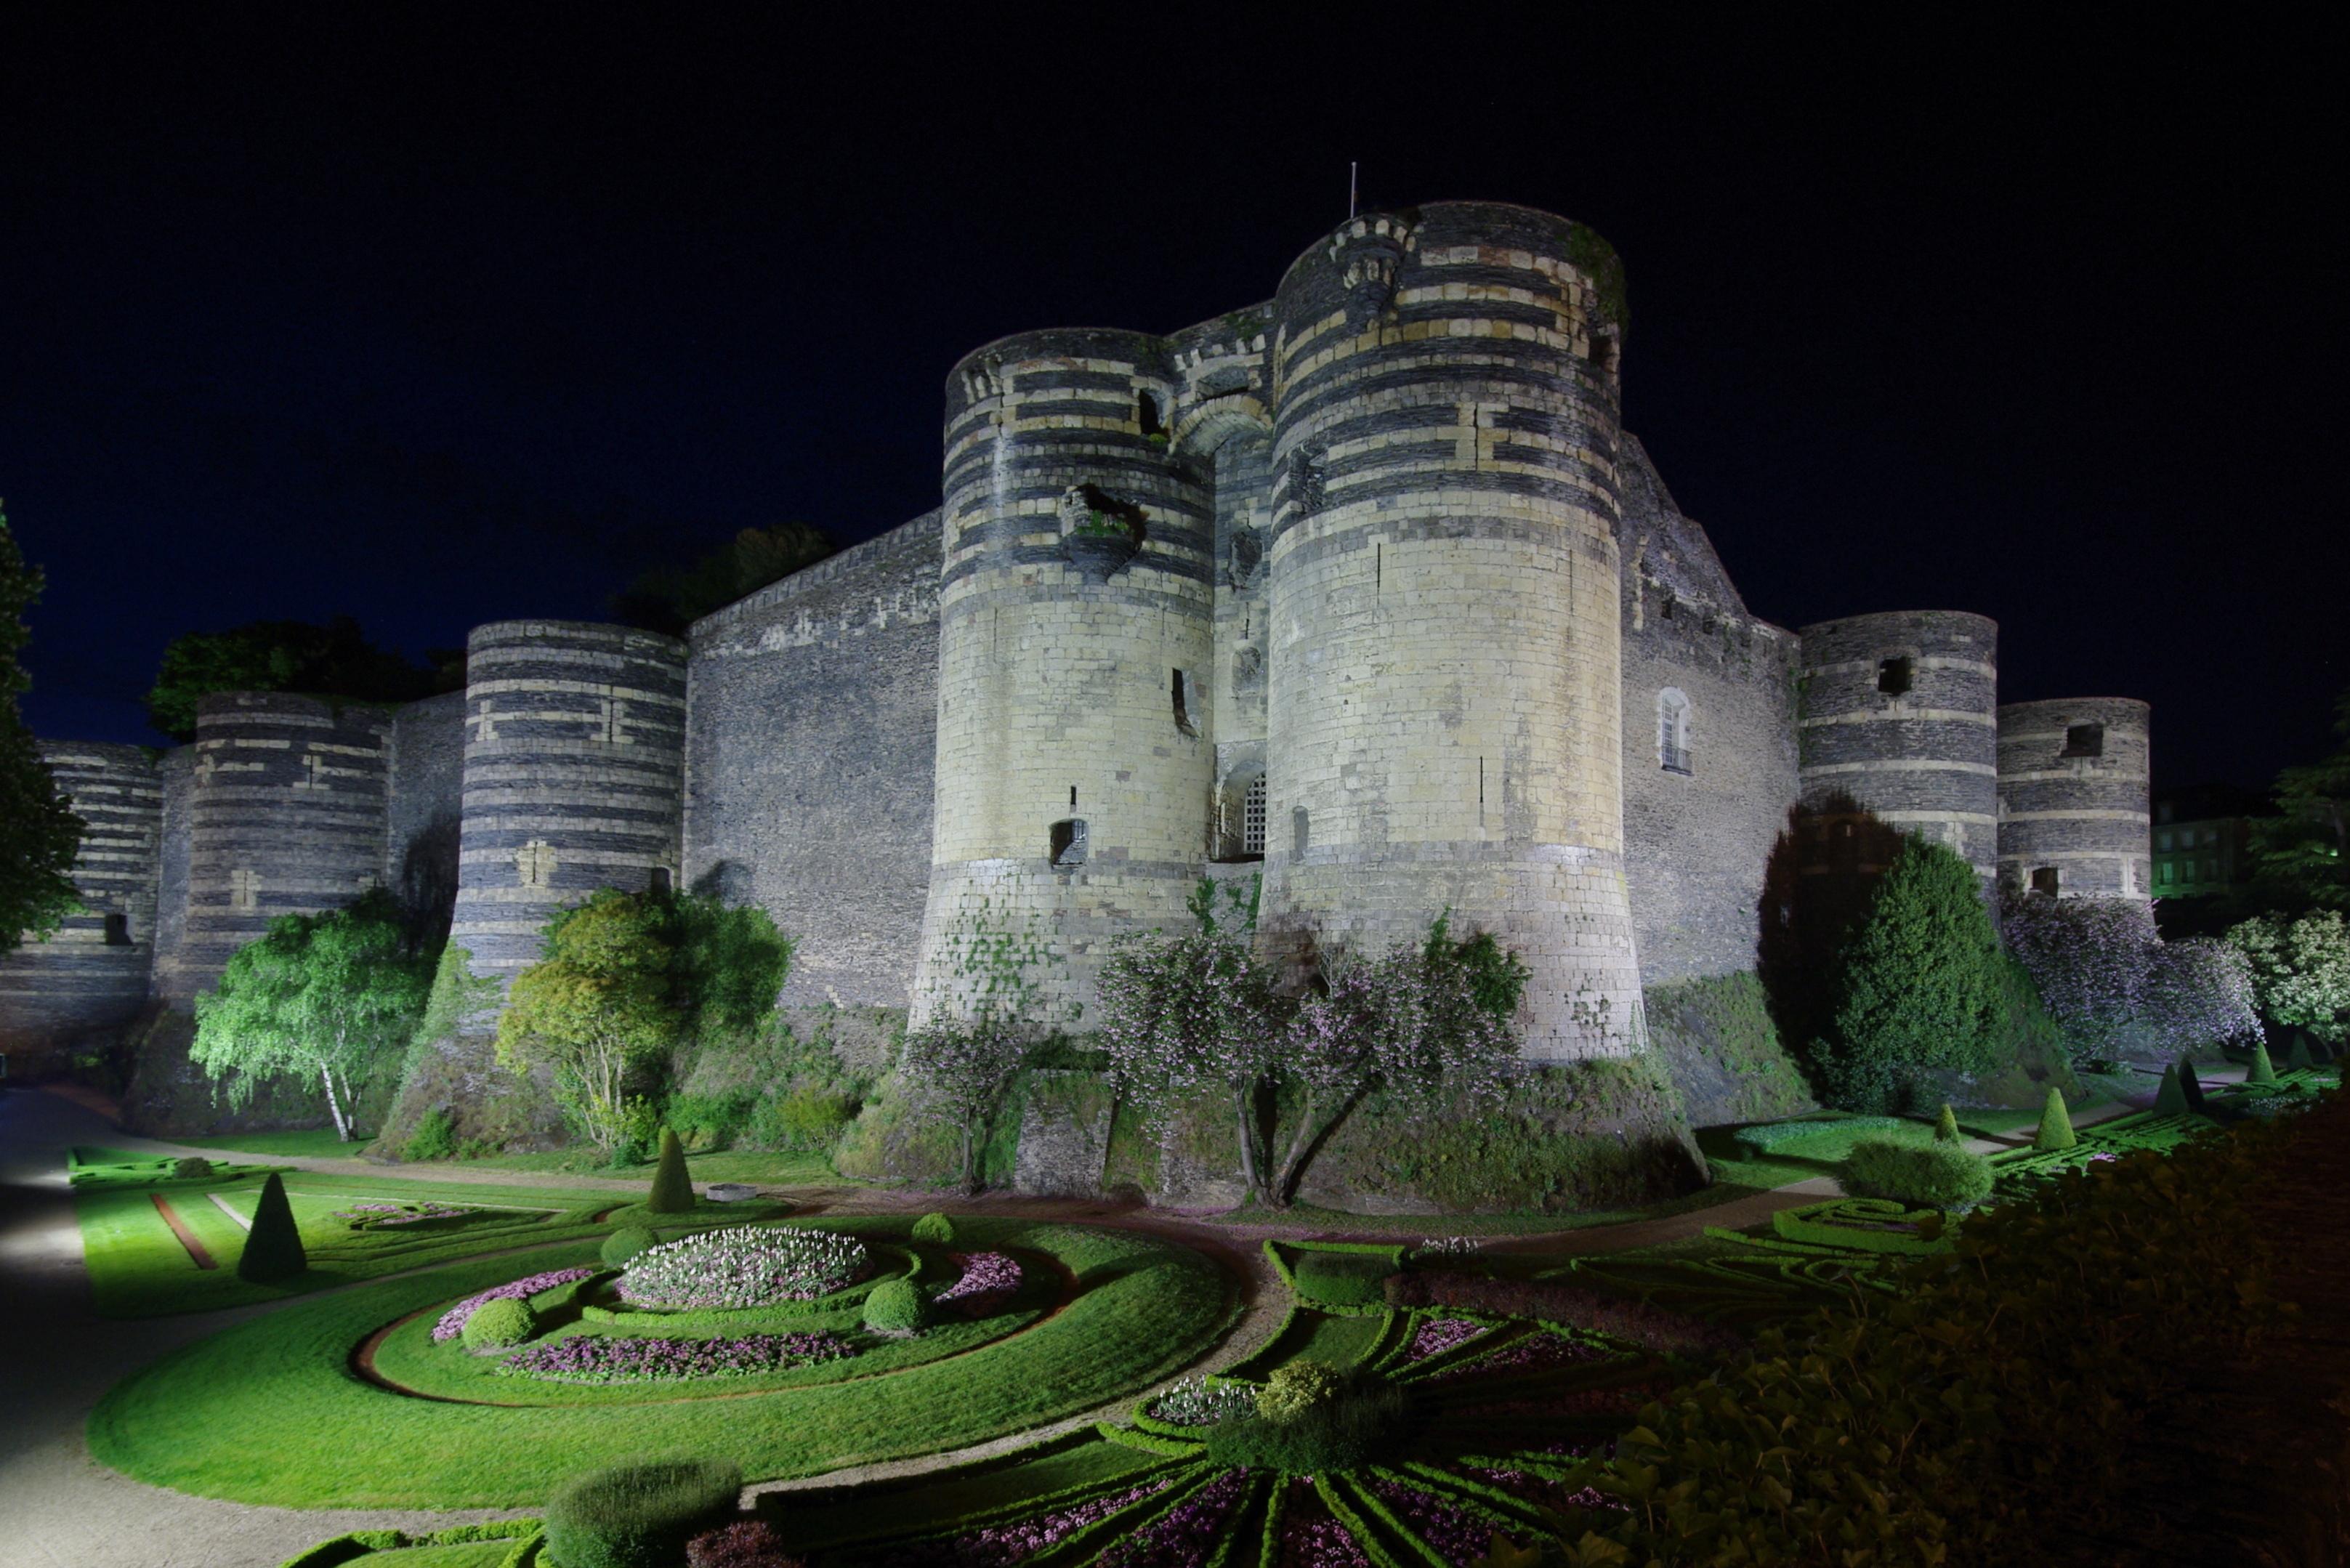 Замок Анжер. (Château d'Angers)